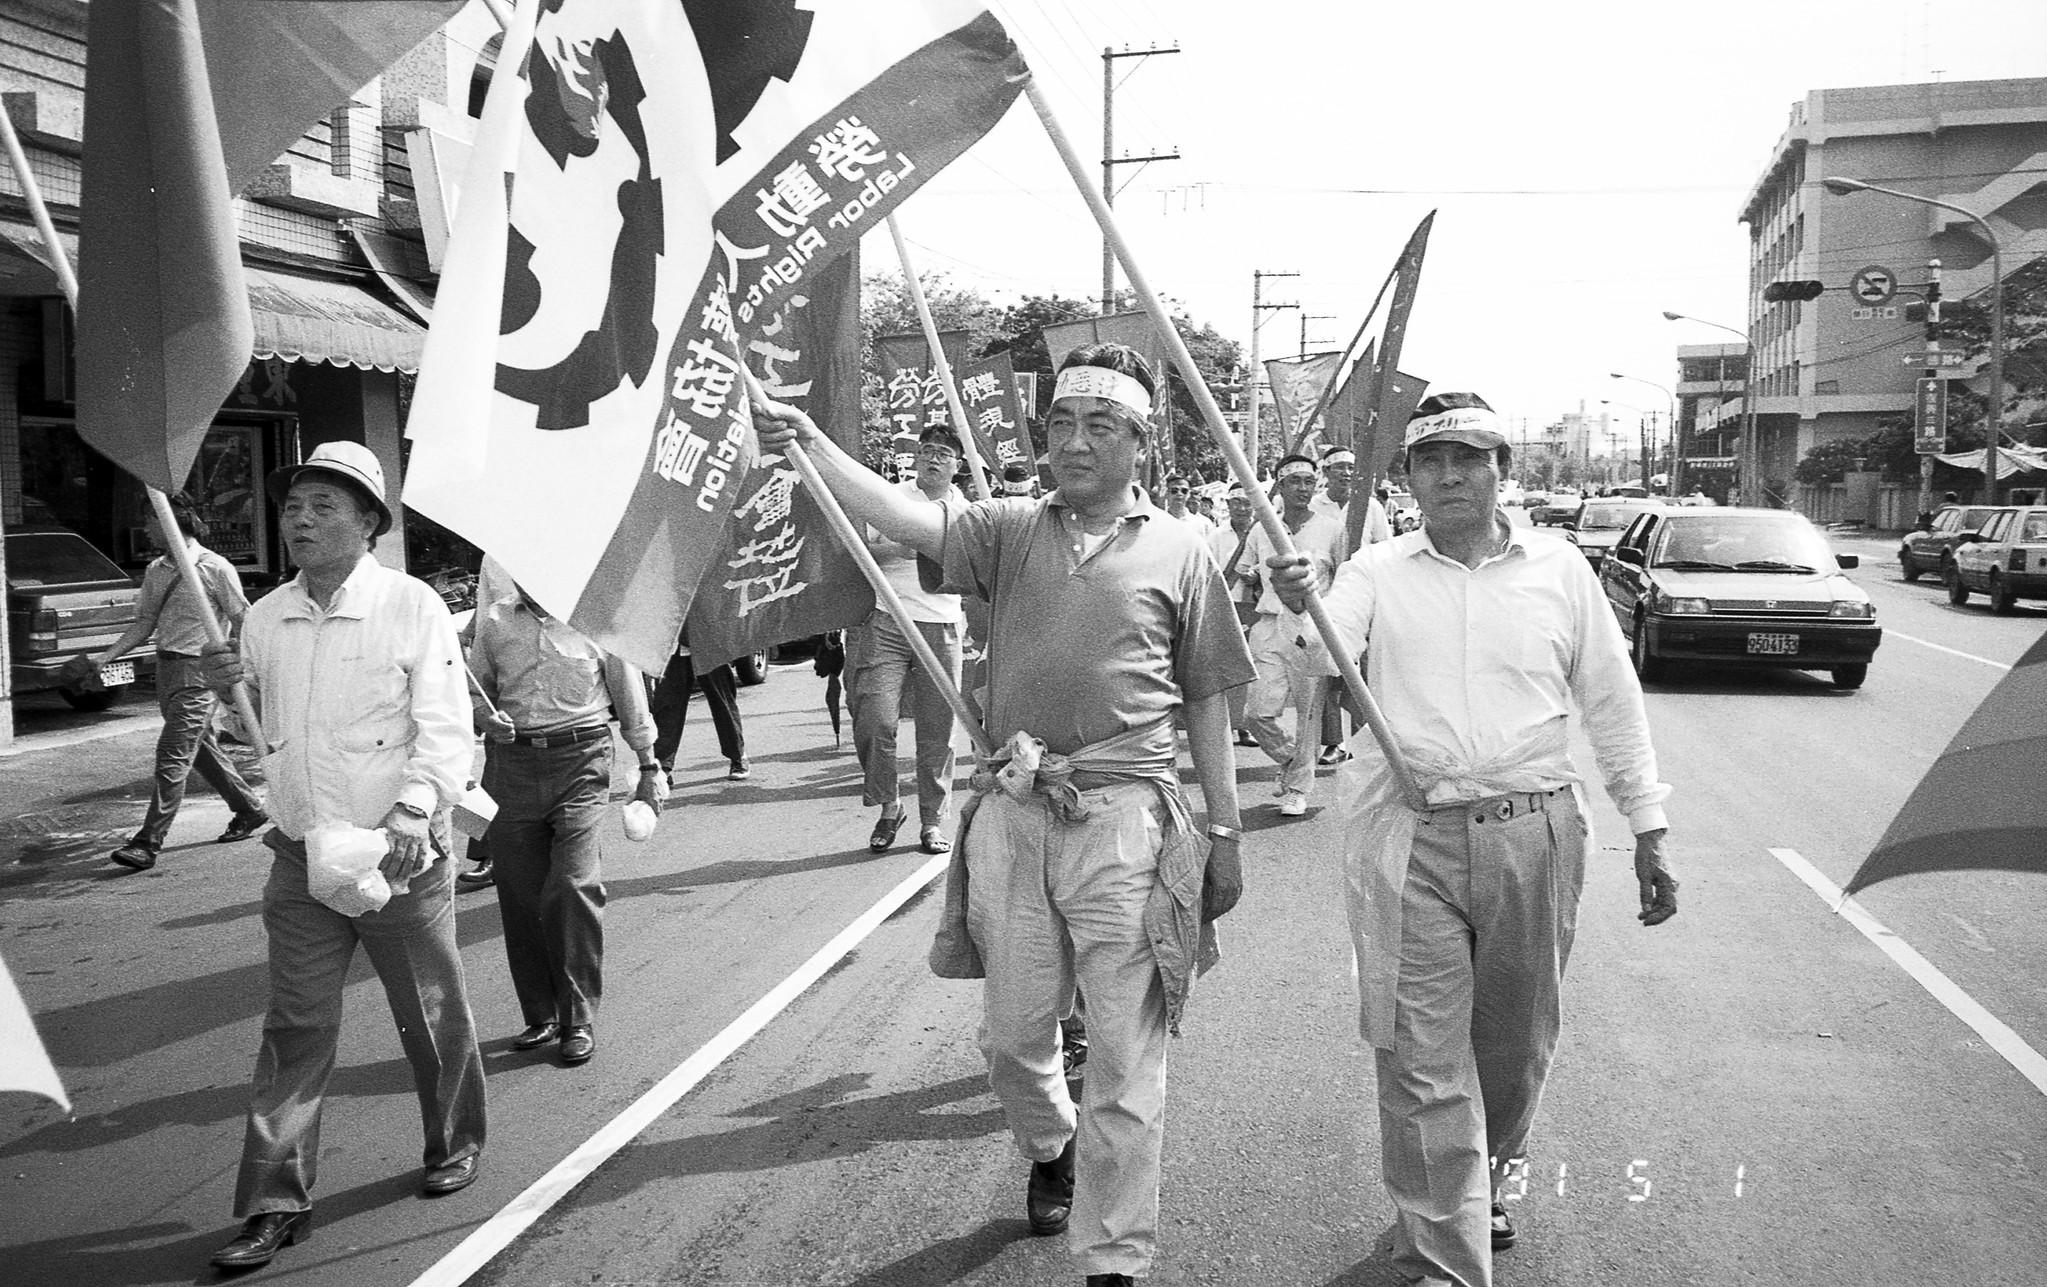 1991年林書揚(右一)和陳映真走在五一遊行隊伍中。(攝影:李文吉)